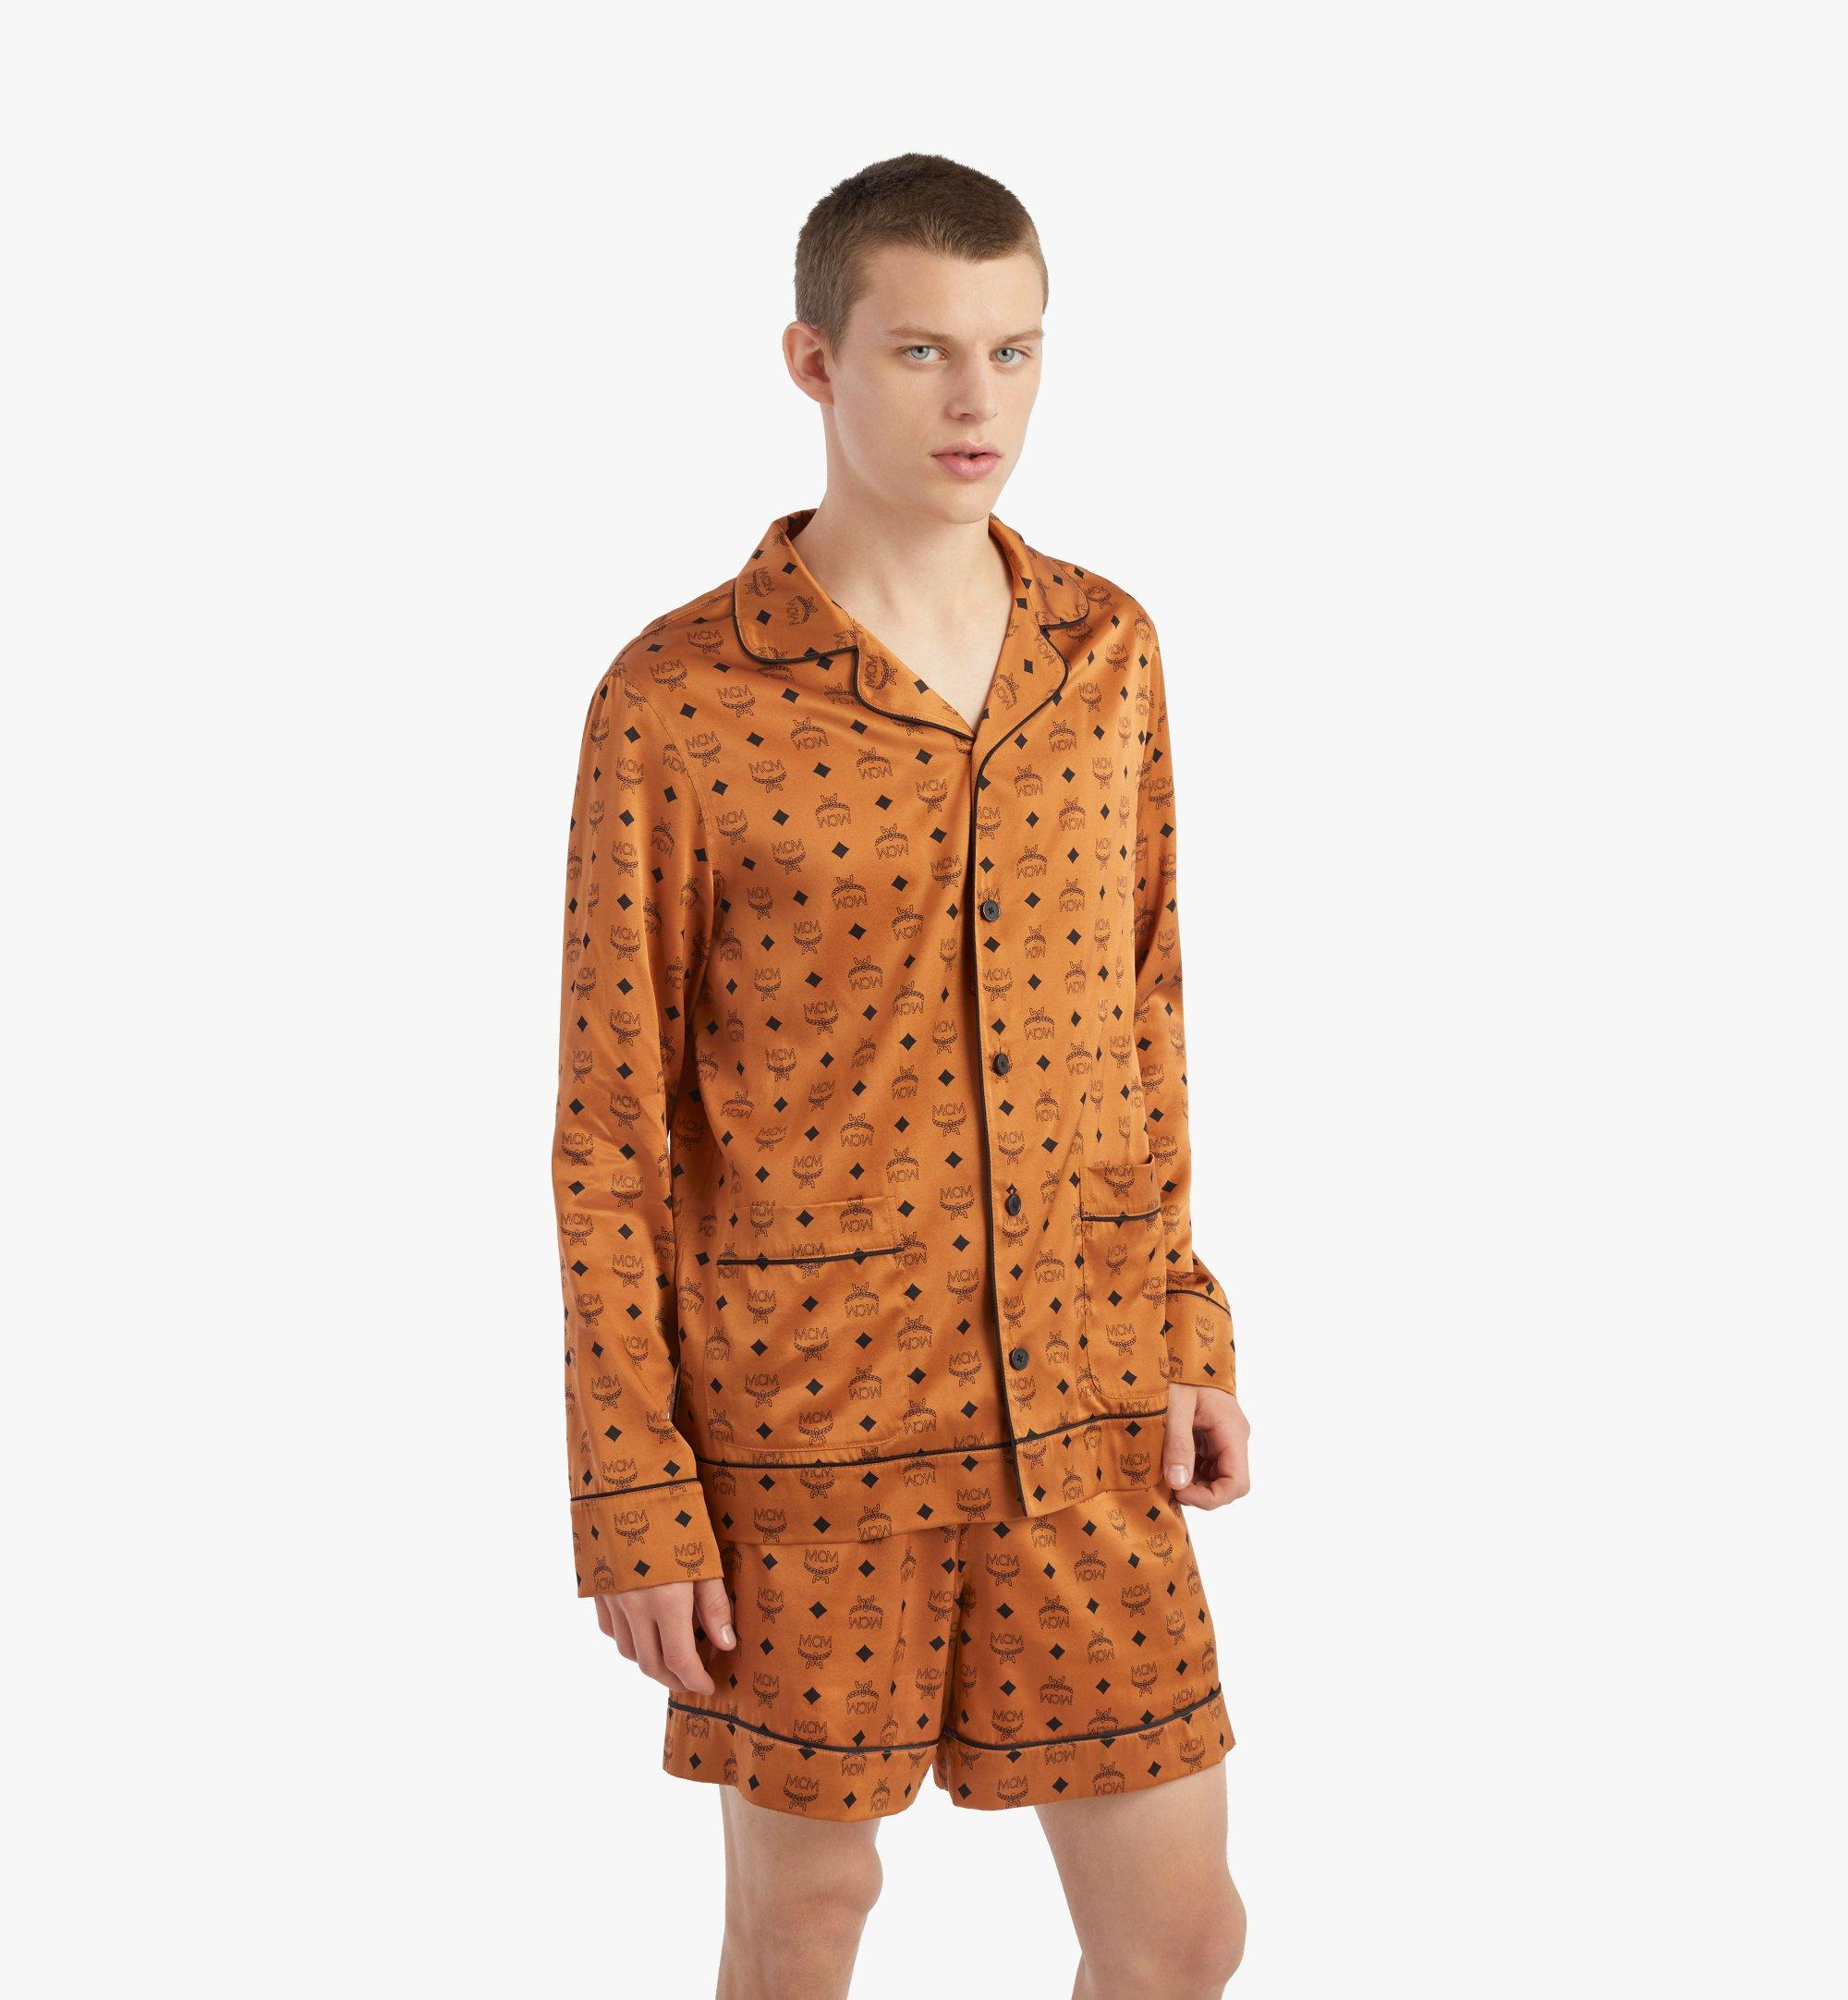 MCM Klassisches Pyjamahemd aus Seide mit Logo Cognac MHXBSMM08CO0XL Noch mehr sehen 4